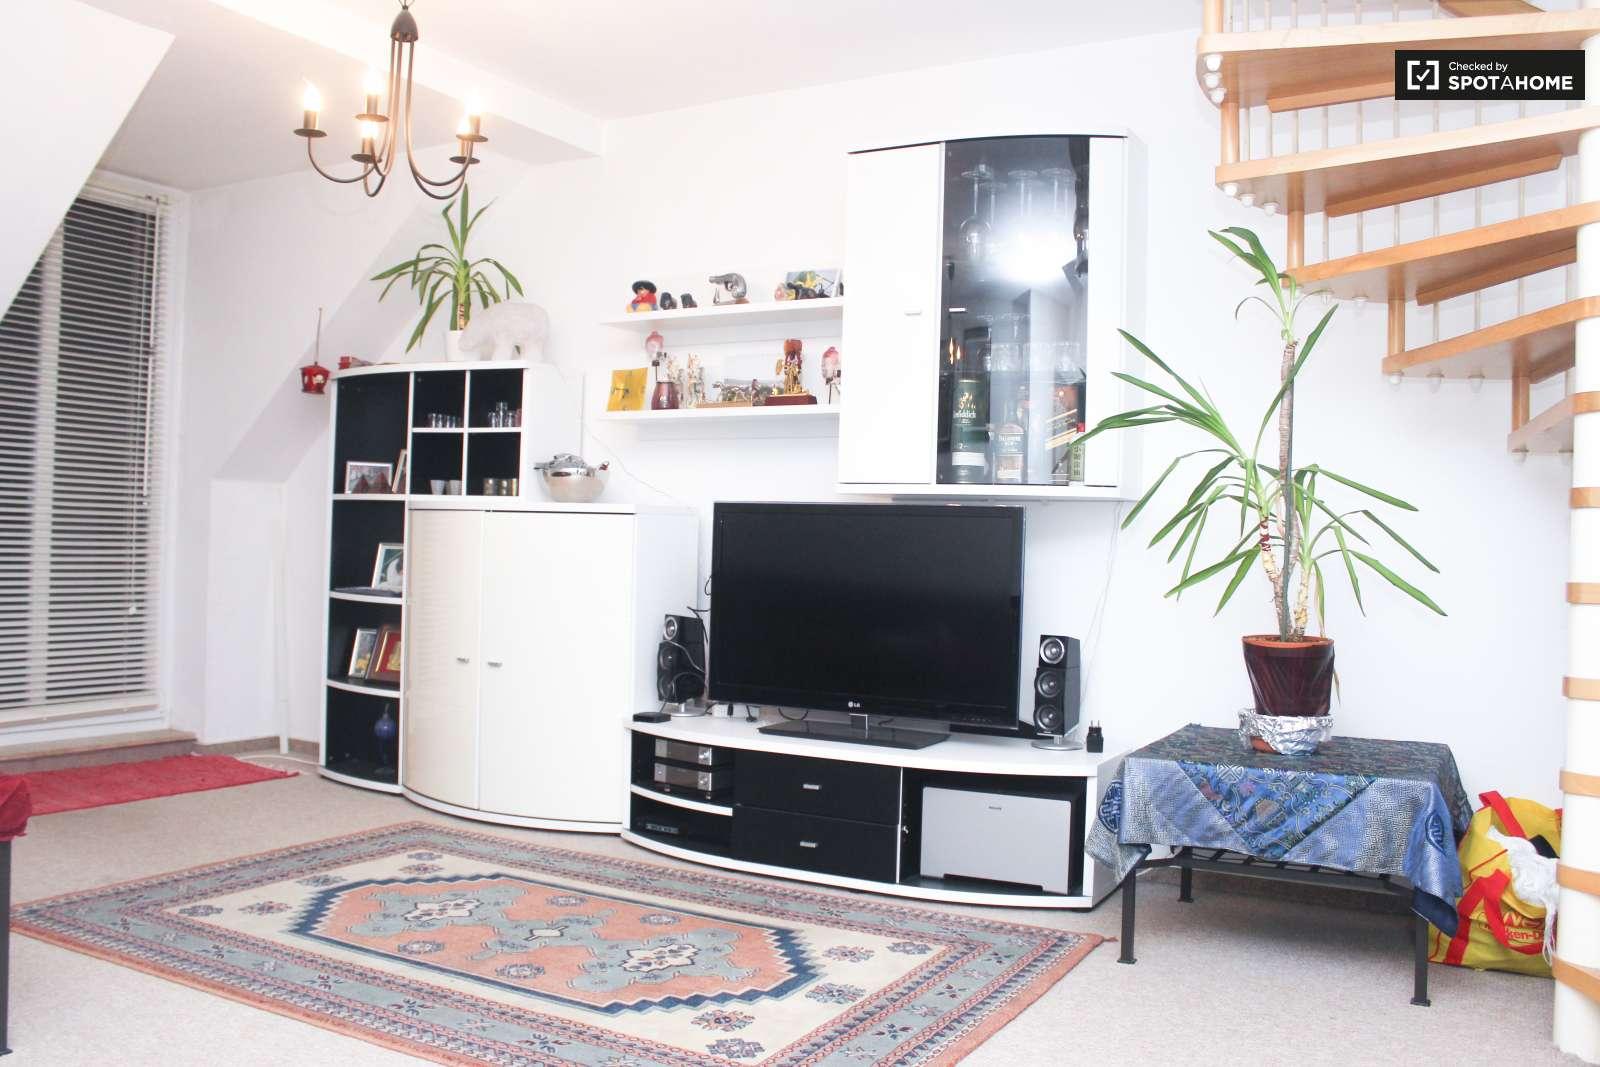 wohnung kaufen in berlin spandau 2 zimmer wohnung in. Black Bedroom Furniture Sets. Home Design Ideas